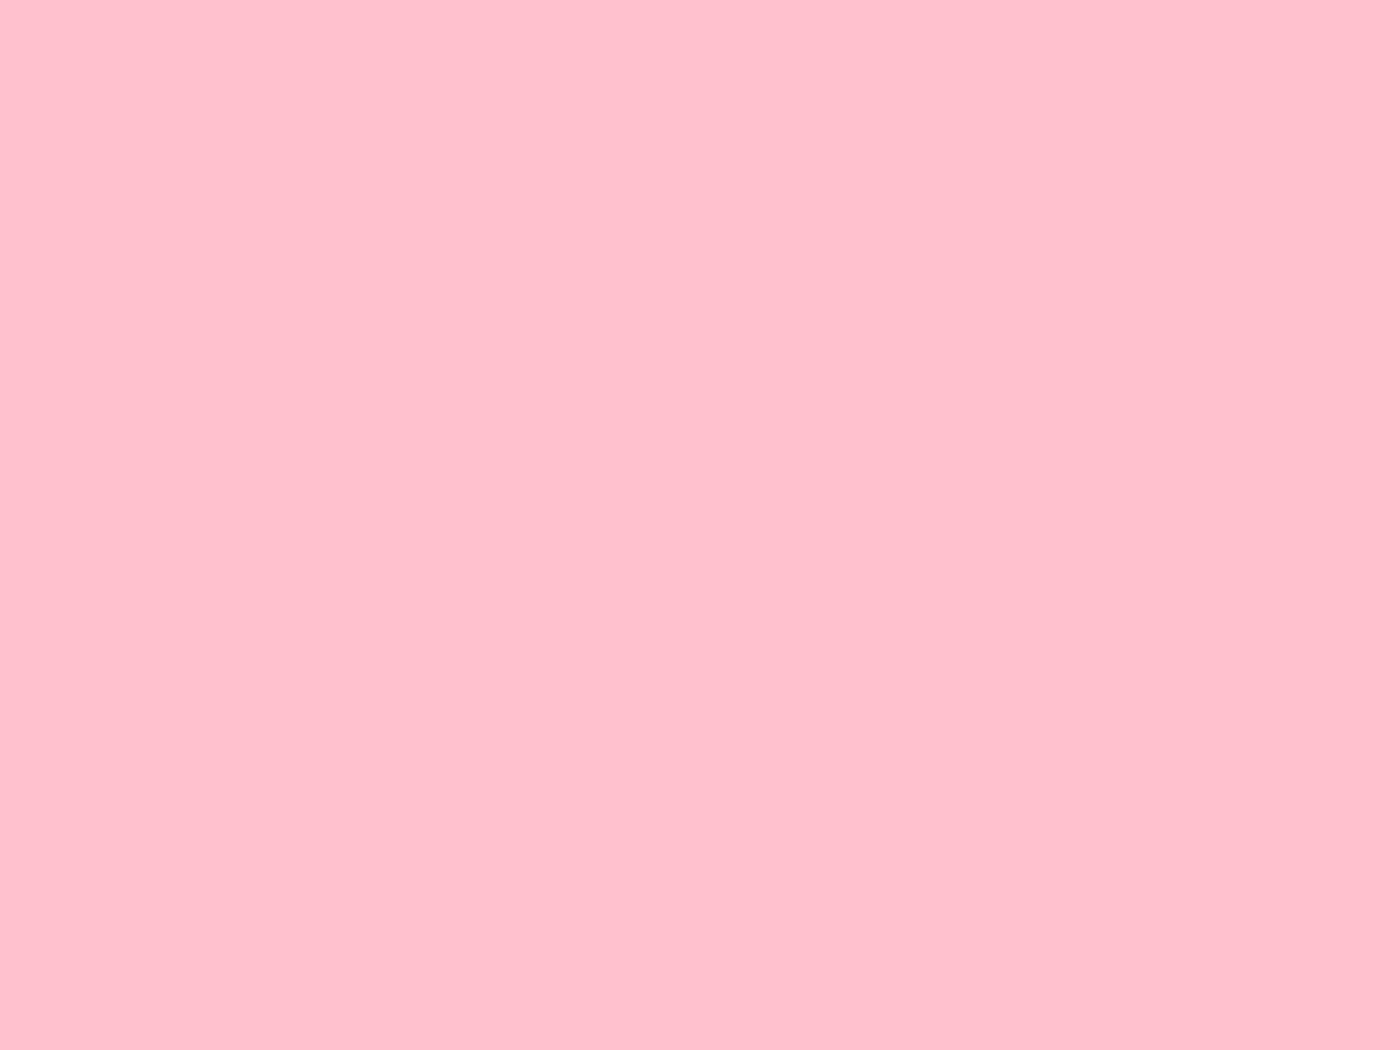 1400x1050 Bubble Gum Solid Color Background